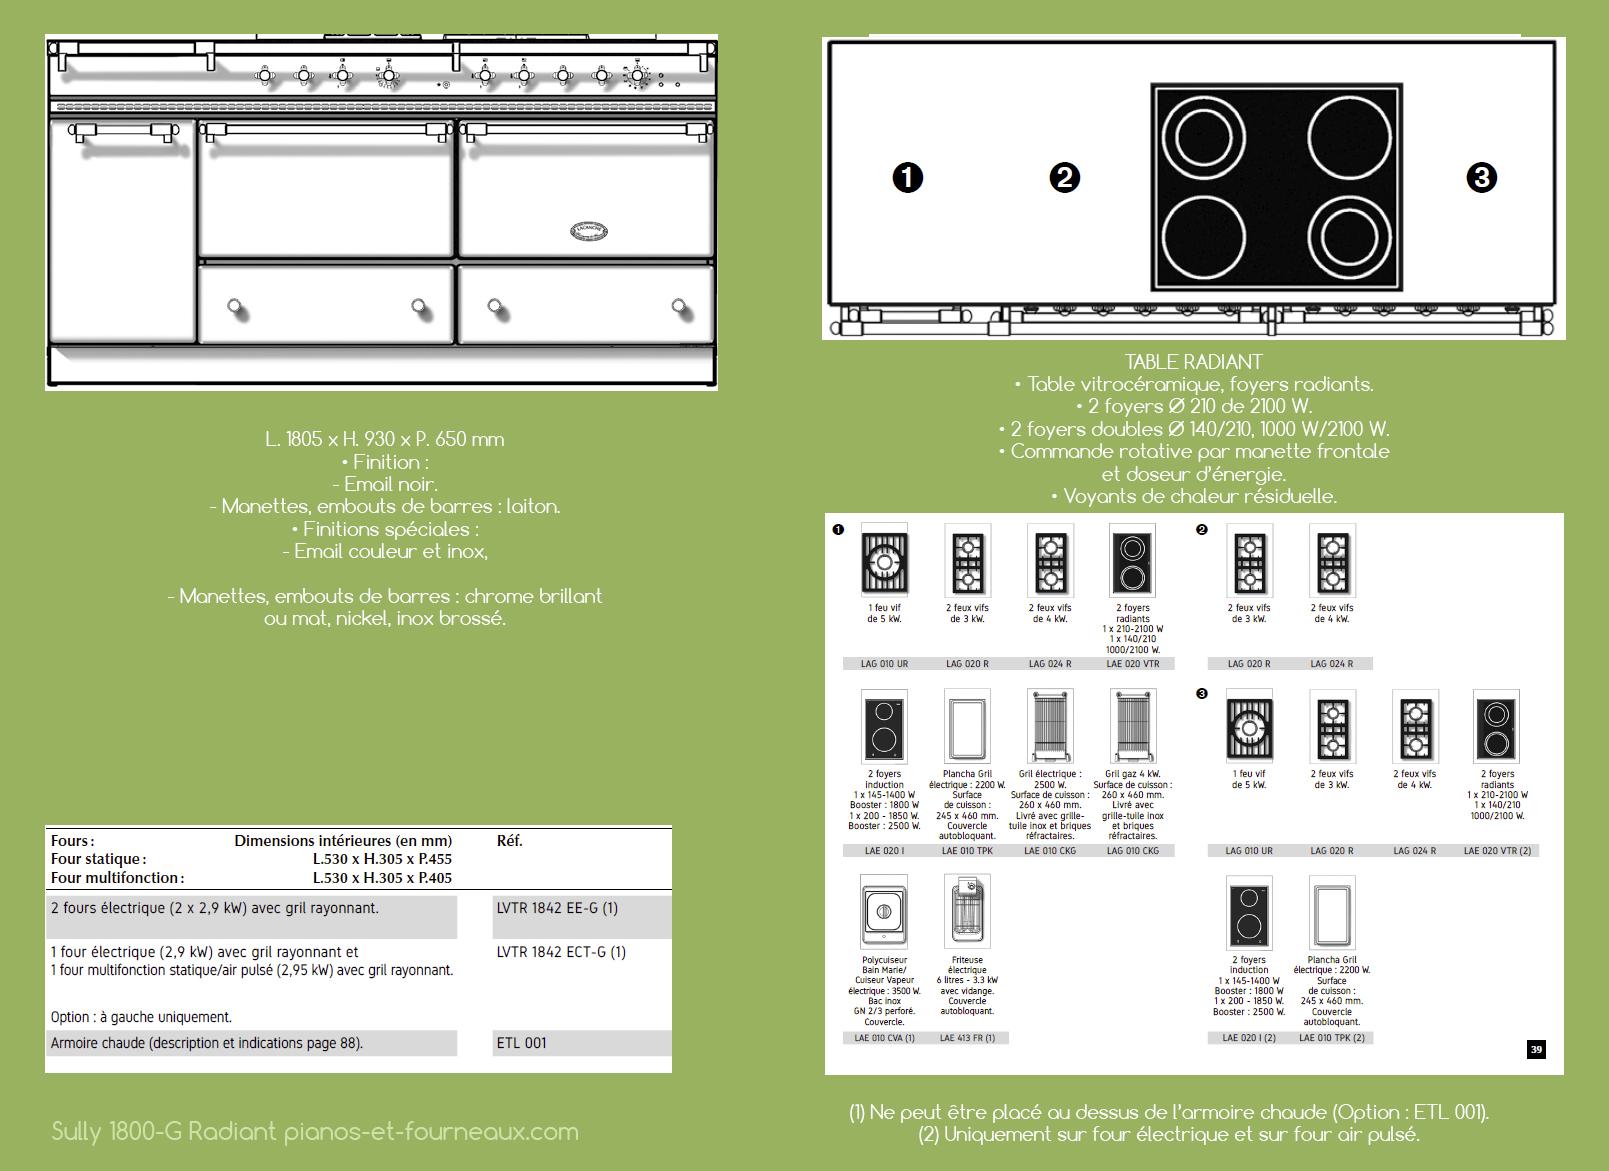 Sully 1800 G Radiant configurations possibles - pianos-et-fourneaux.com le spécialiste des pianos de cuisine et fourneaux de cuisson Lacanche